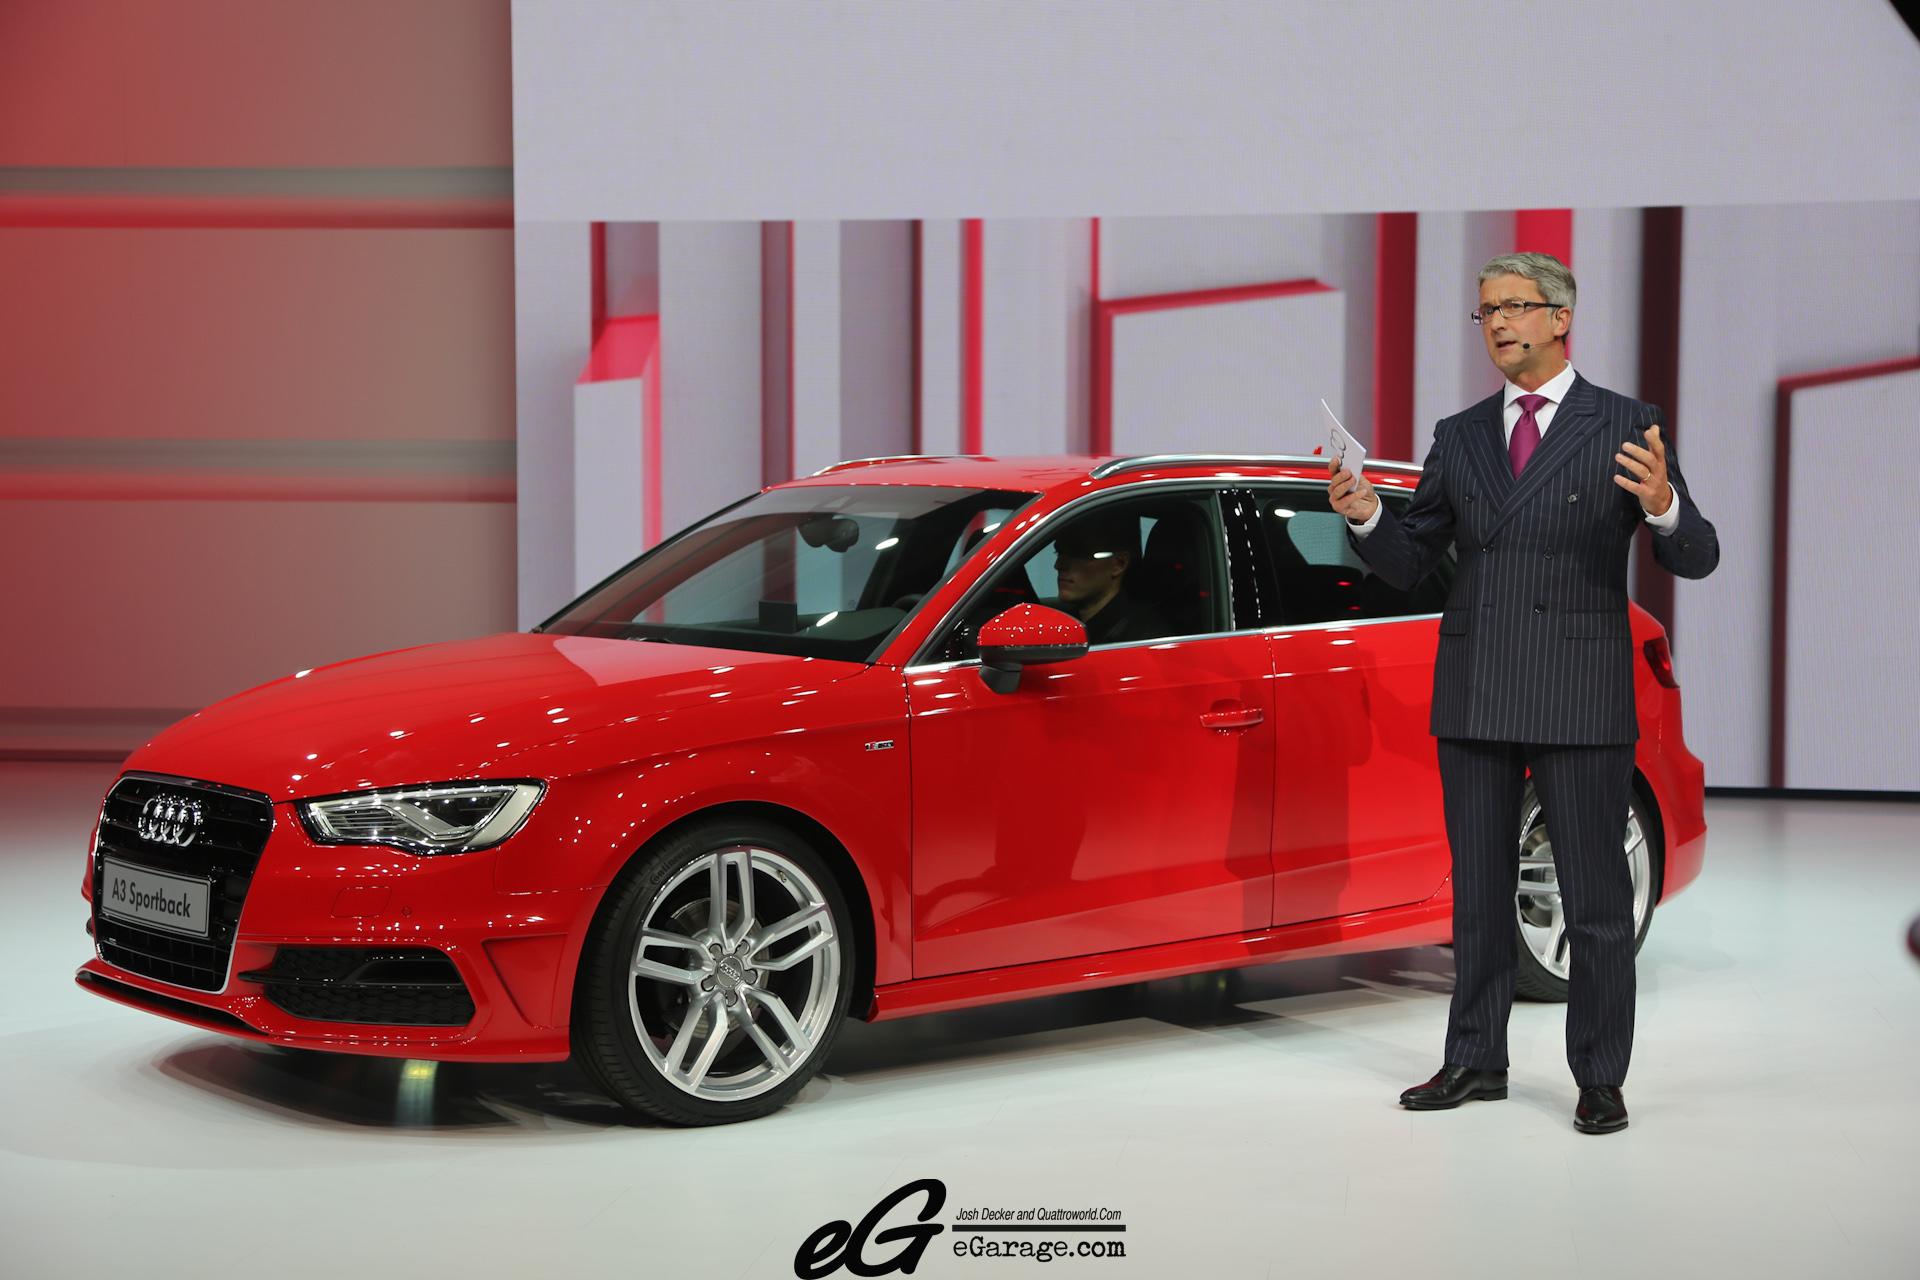 8030391769 48aaa90af4 o 2012 Paris Motor Show